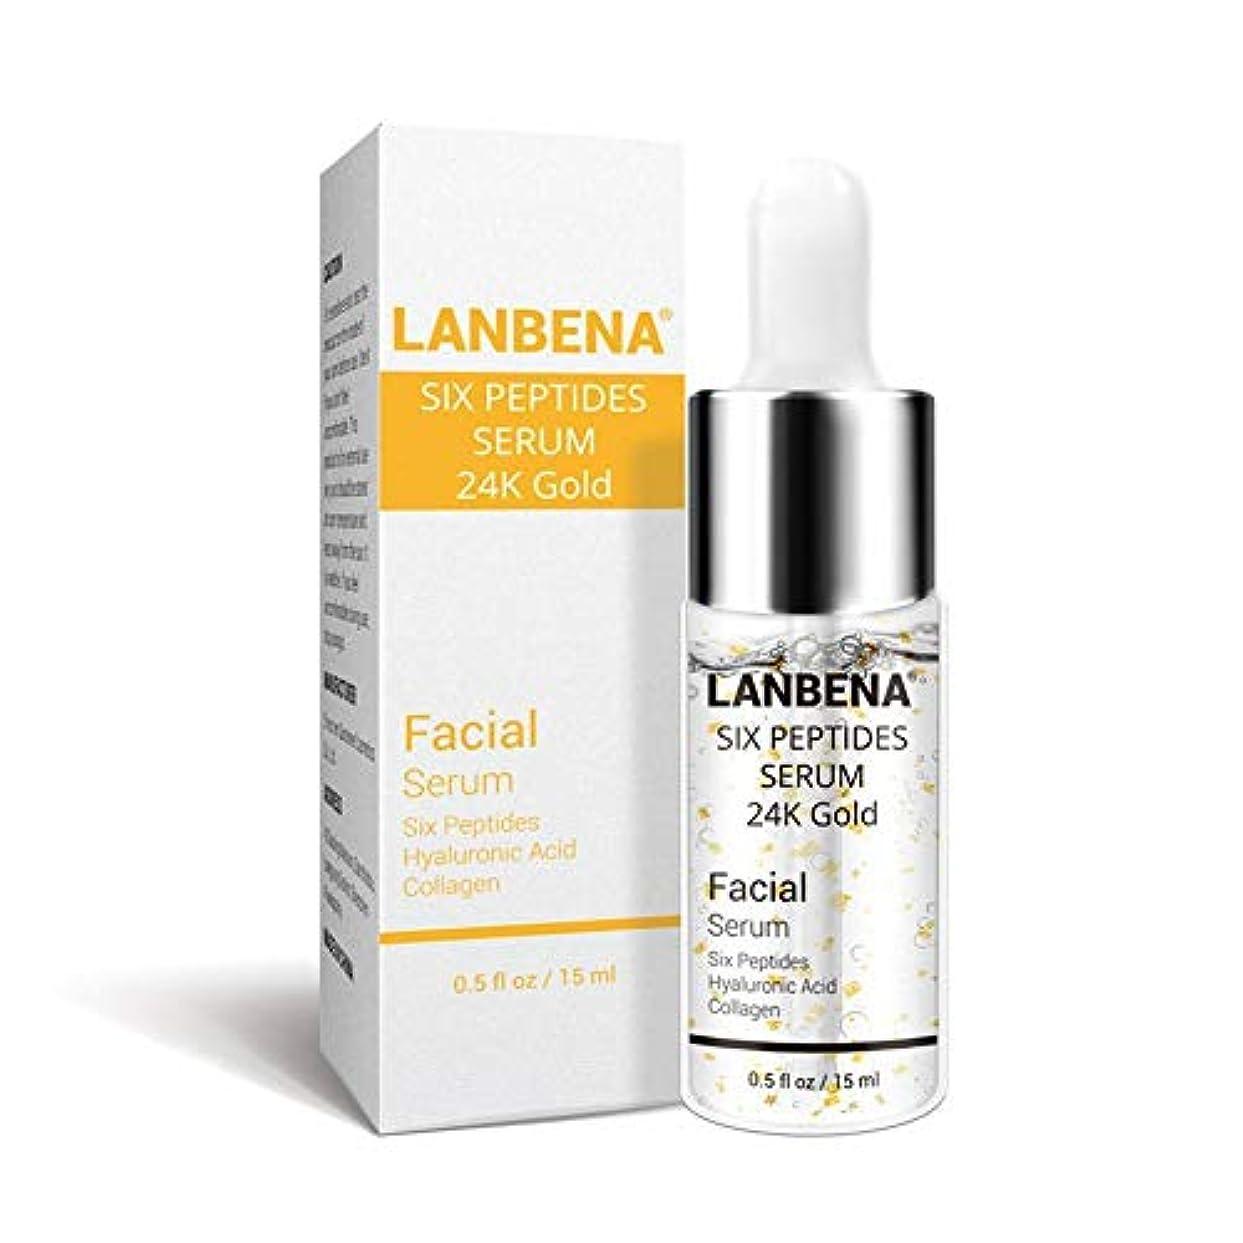 増強する決して生息地(トラベリング ライト) Traveling Light LANBENA 24K 六つのペプチド 液 エッセンス シワに抵抗 肌を引き締める 15ml